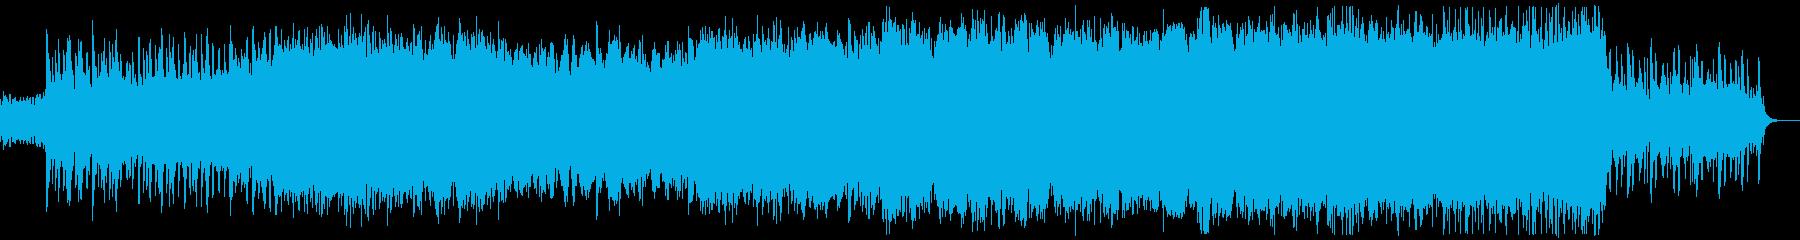 ケルト音楽 バグパイプ 壮大 起承転結の再生済みの波形